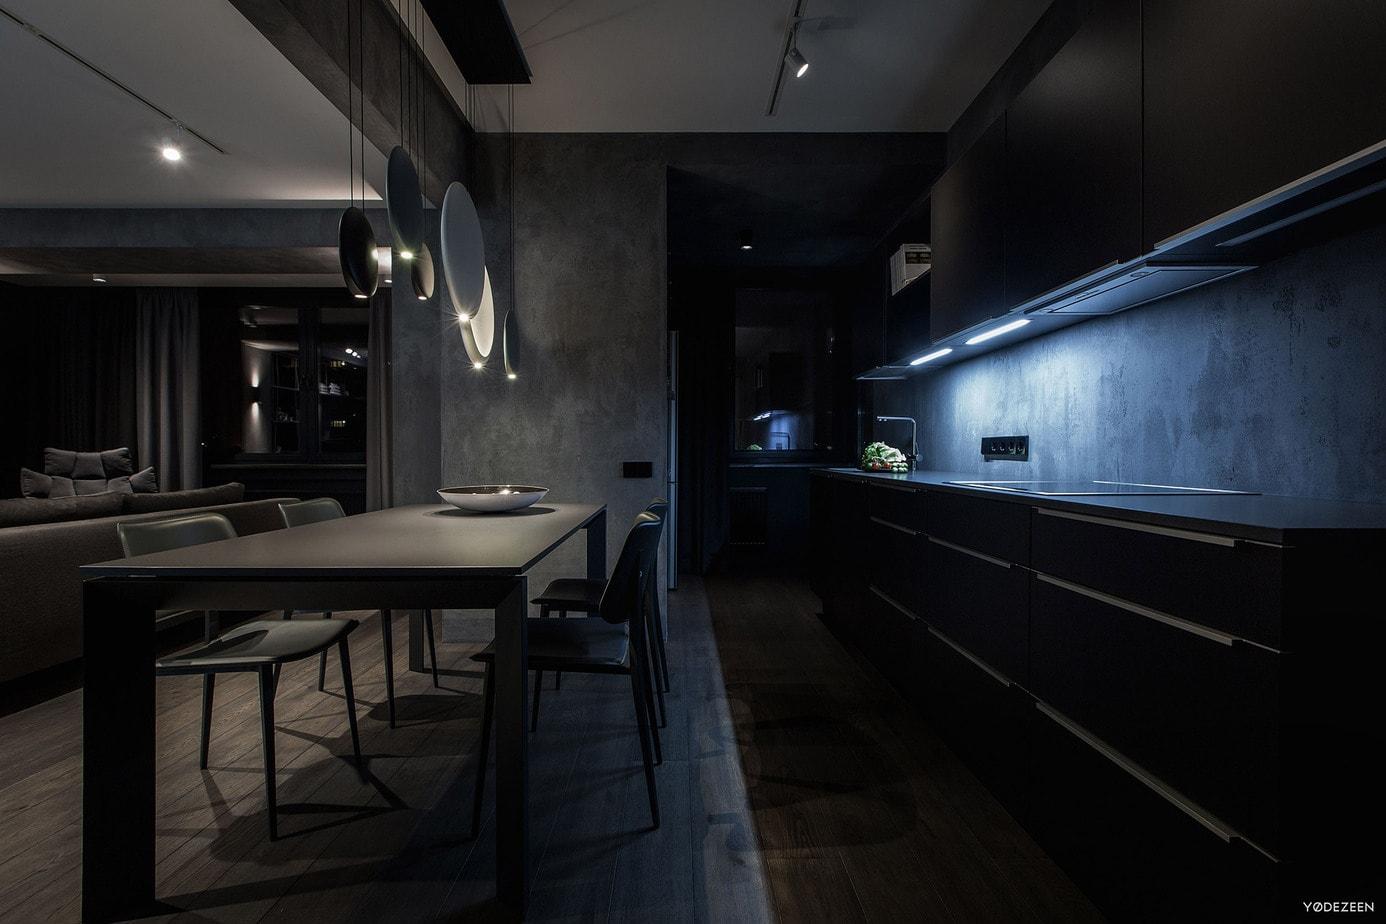 الظلام في البيت في المنام